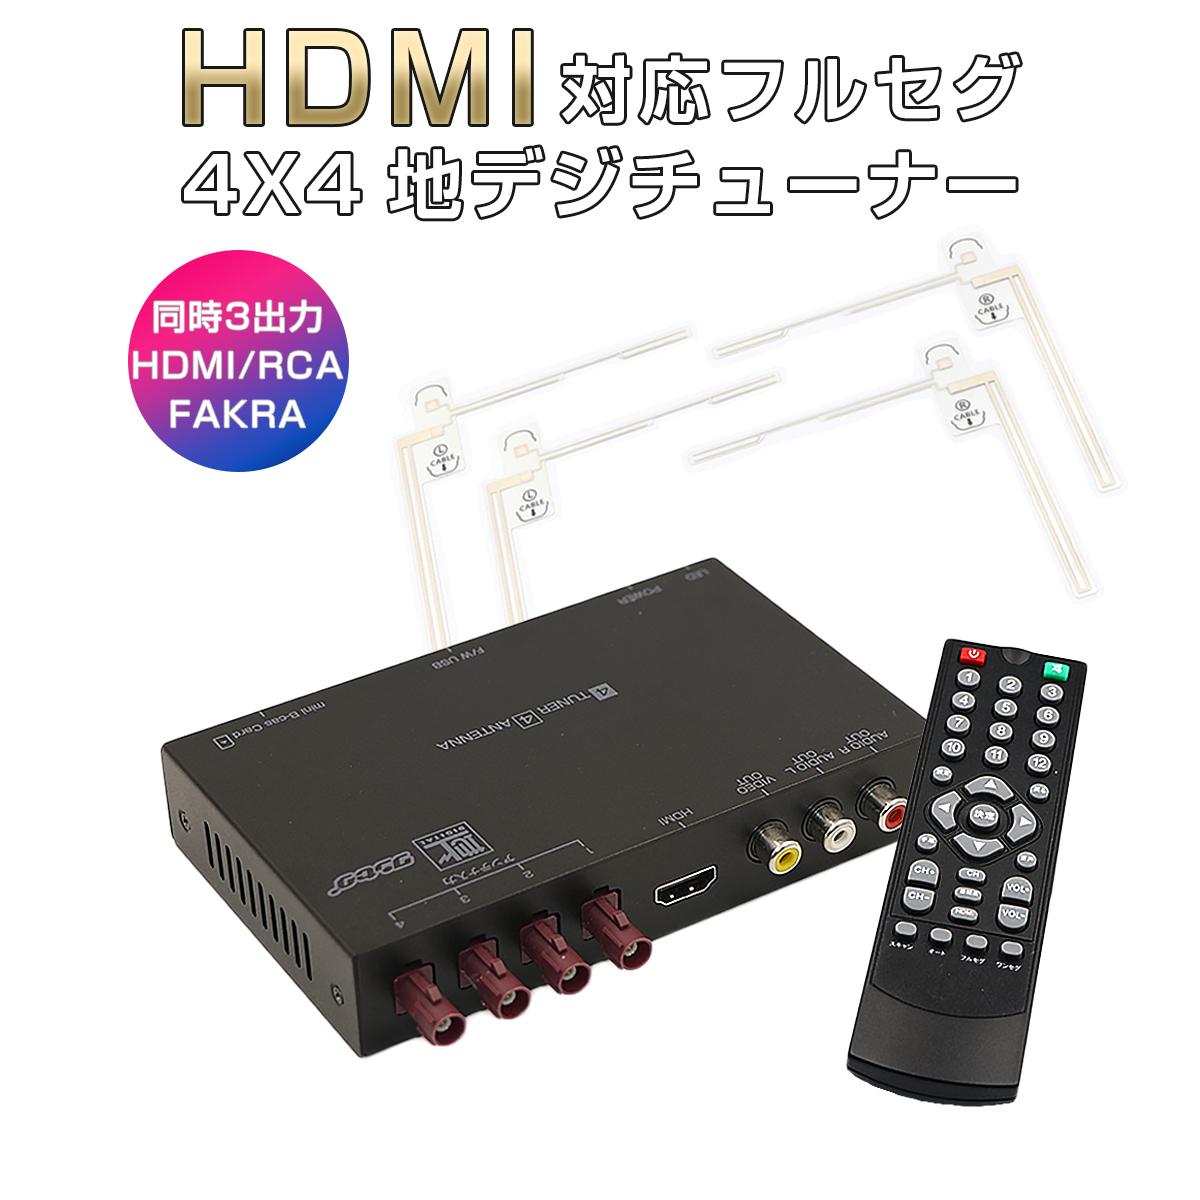 高精細度 地デジチューナー FAKRAコネクター フルセグチューナー HDMI 4x4 4チューナー 4アンテナ 高性能 TV 車載 AV マルチ出力 12V/24V対応 miniB-CASカード付き 宅配便送料無料 1年保証 K&M